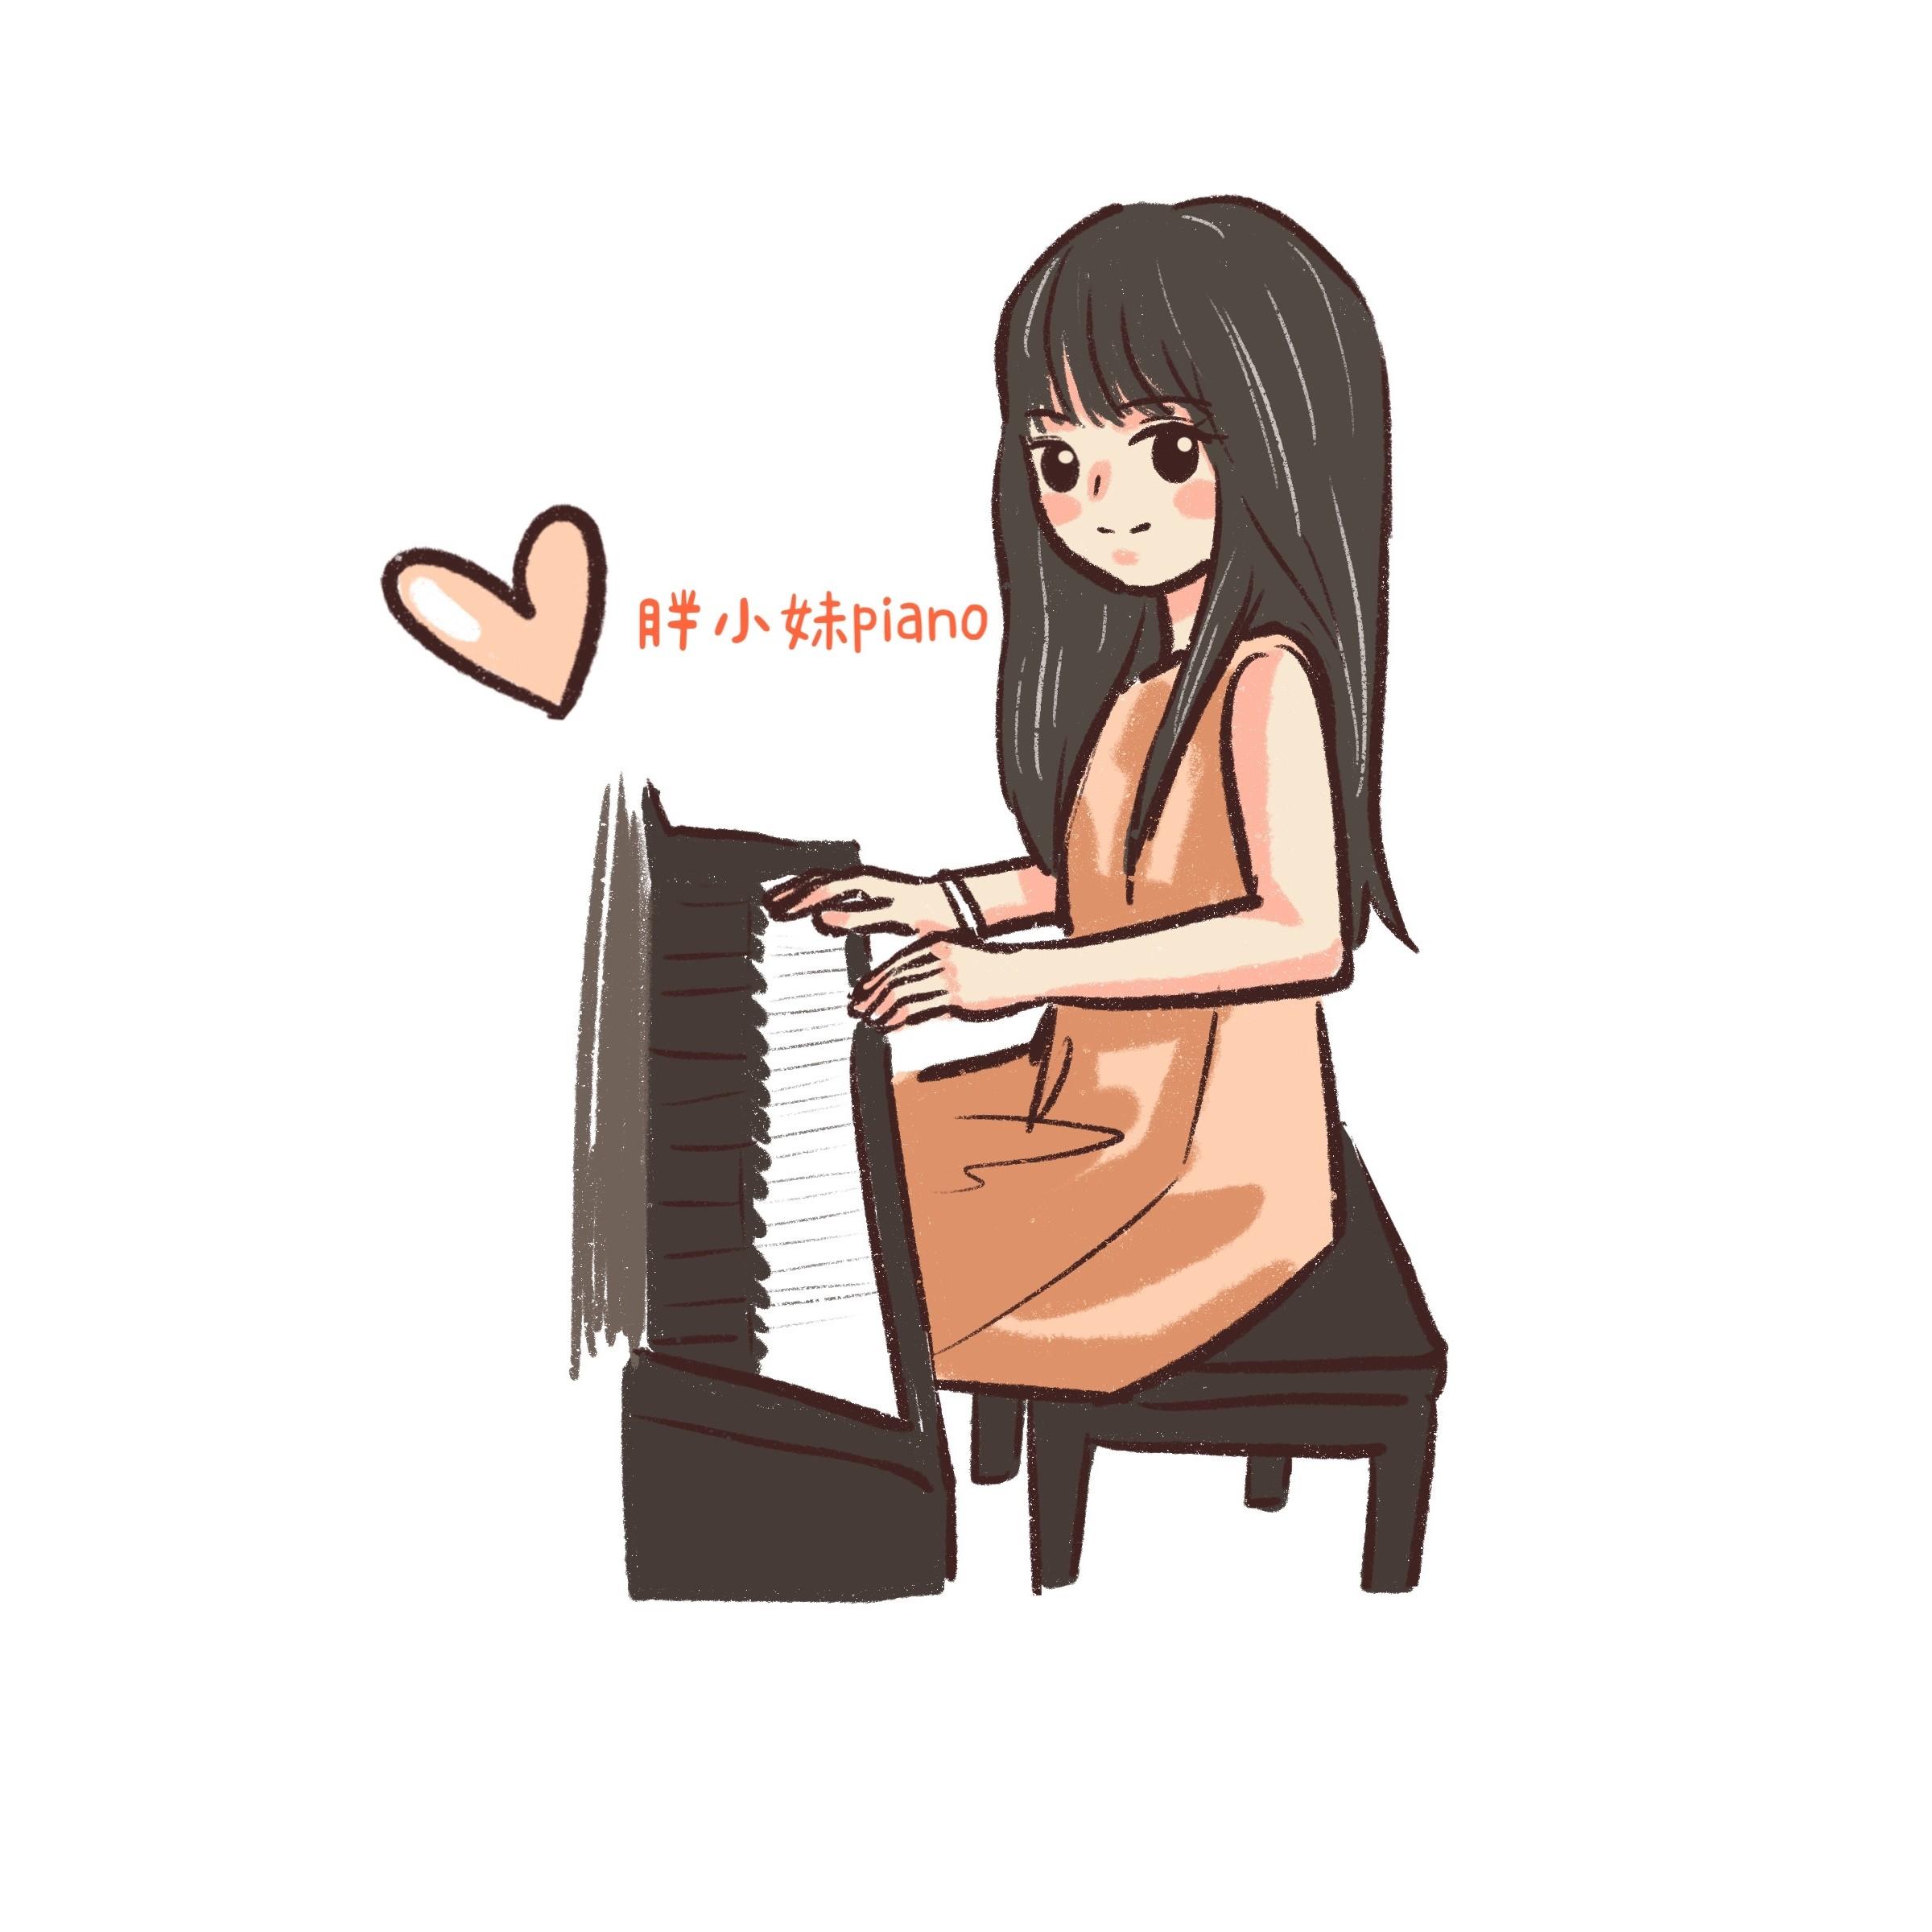 爱弹琴的胖小妹的个人空间